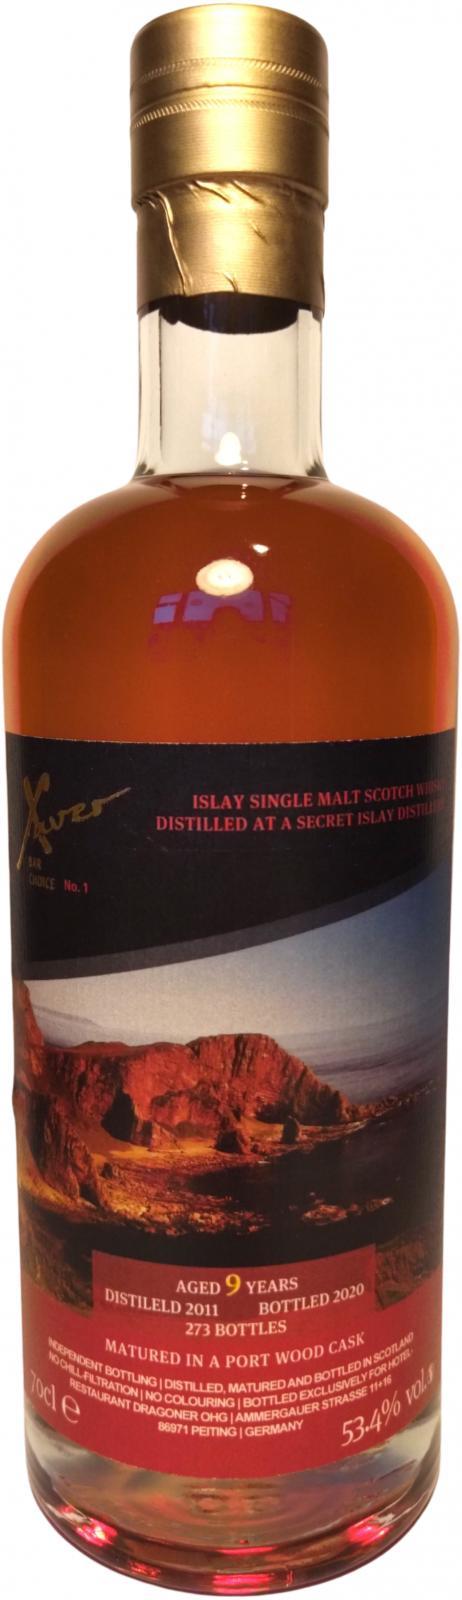 Unnamed Islay Malt 2011 IB